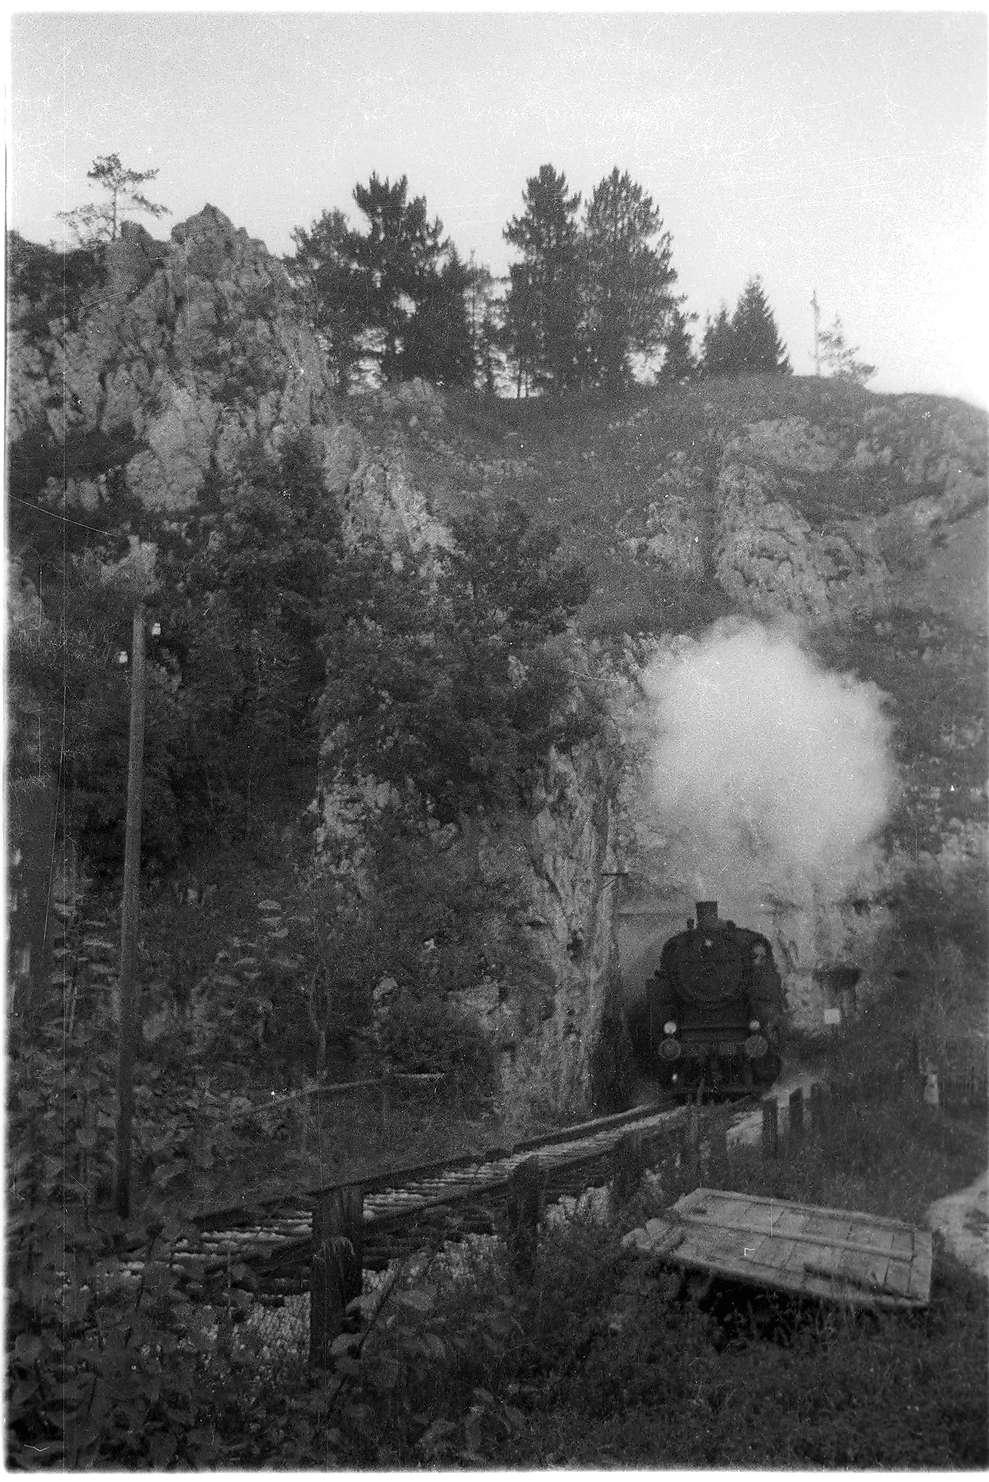 Veringenstadt, Dampflok 15 (1940 - 1965) am 1908 erbauten Tunnel, der Straßentunnel daneben wurde 1976 eröffnet, Bild 1